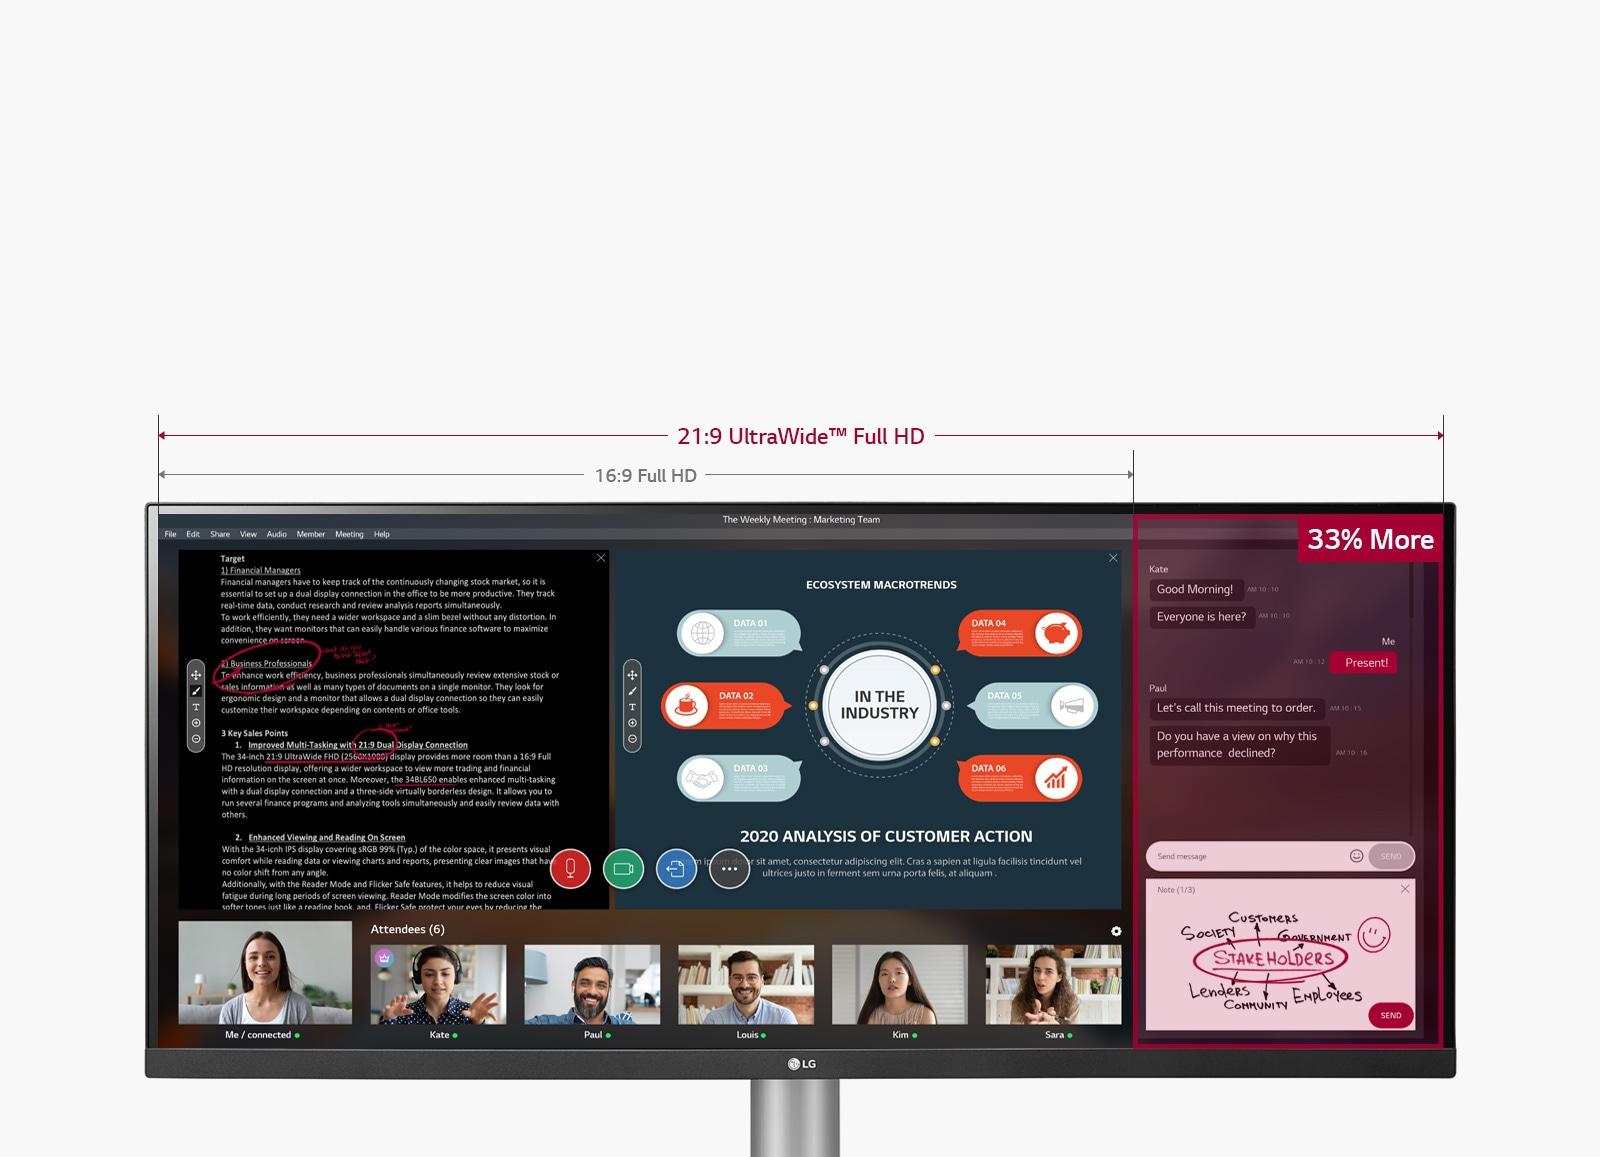 Hình ảnh của 33% 2525 không gian màn hình rộng hơn 21: 9 UltraWide Full HD so với màn hình Full HD 16: 9 với một Hội thảo trên web đang diễn ra trên màn hình.